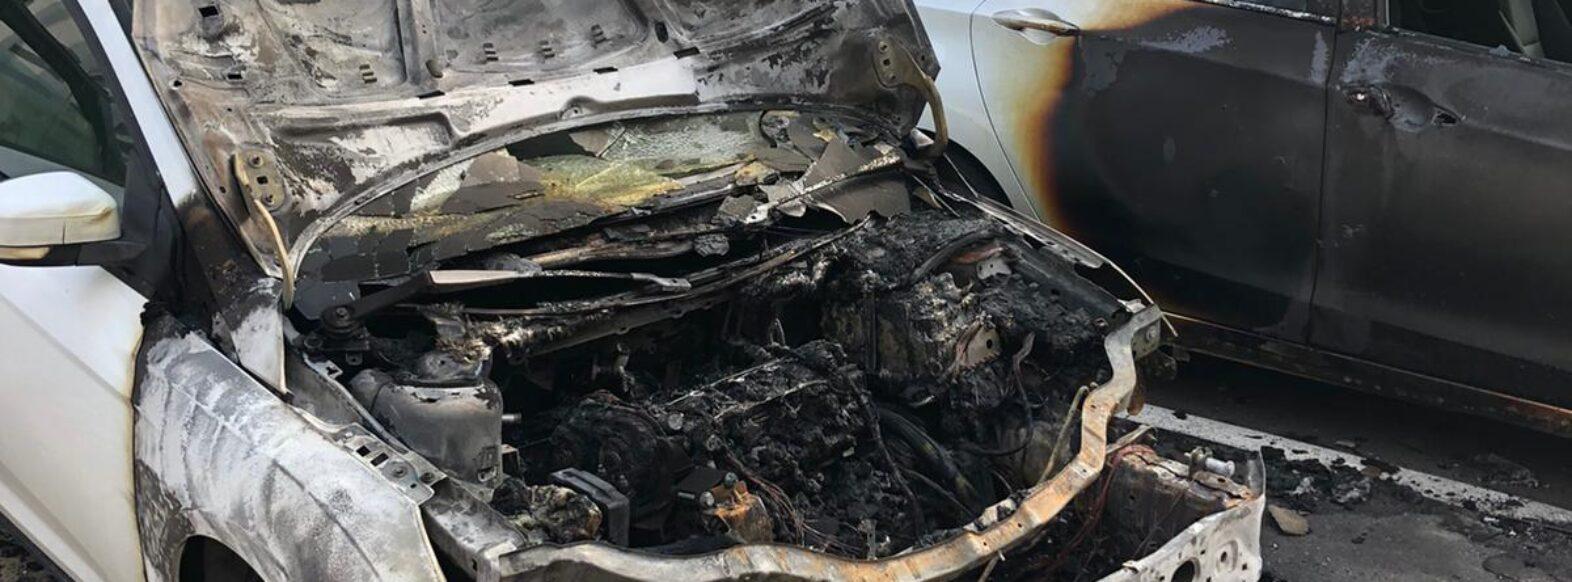 הצתת רכב בקריית מוצקין ככל הנראה על רקע משפחתי